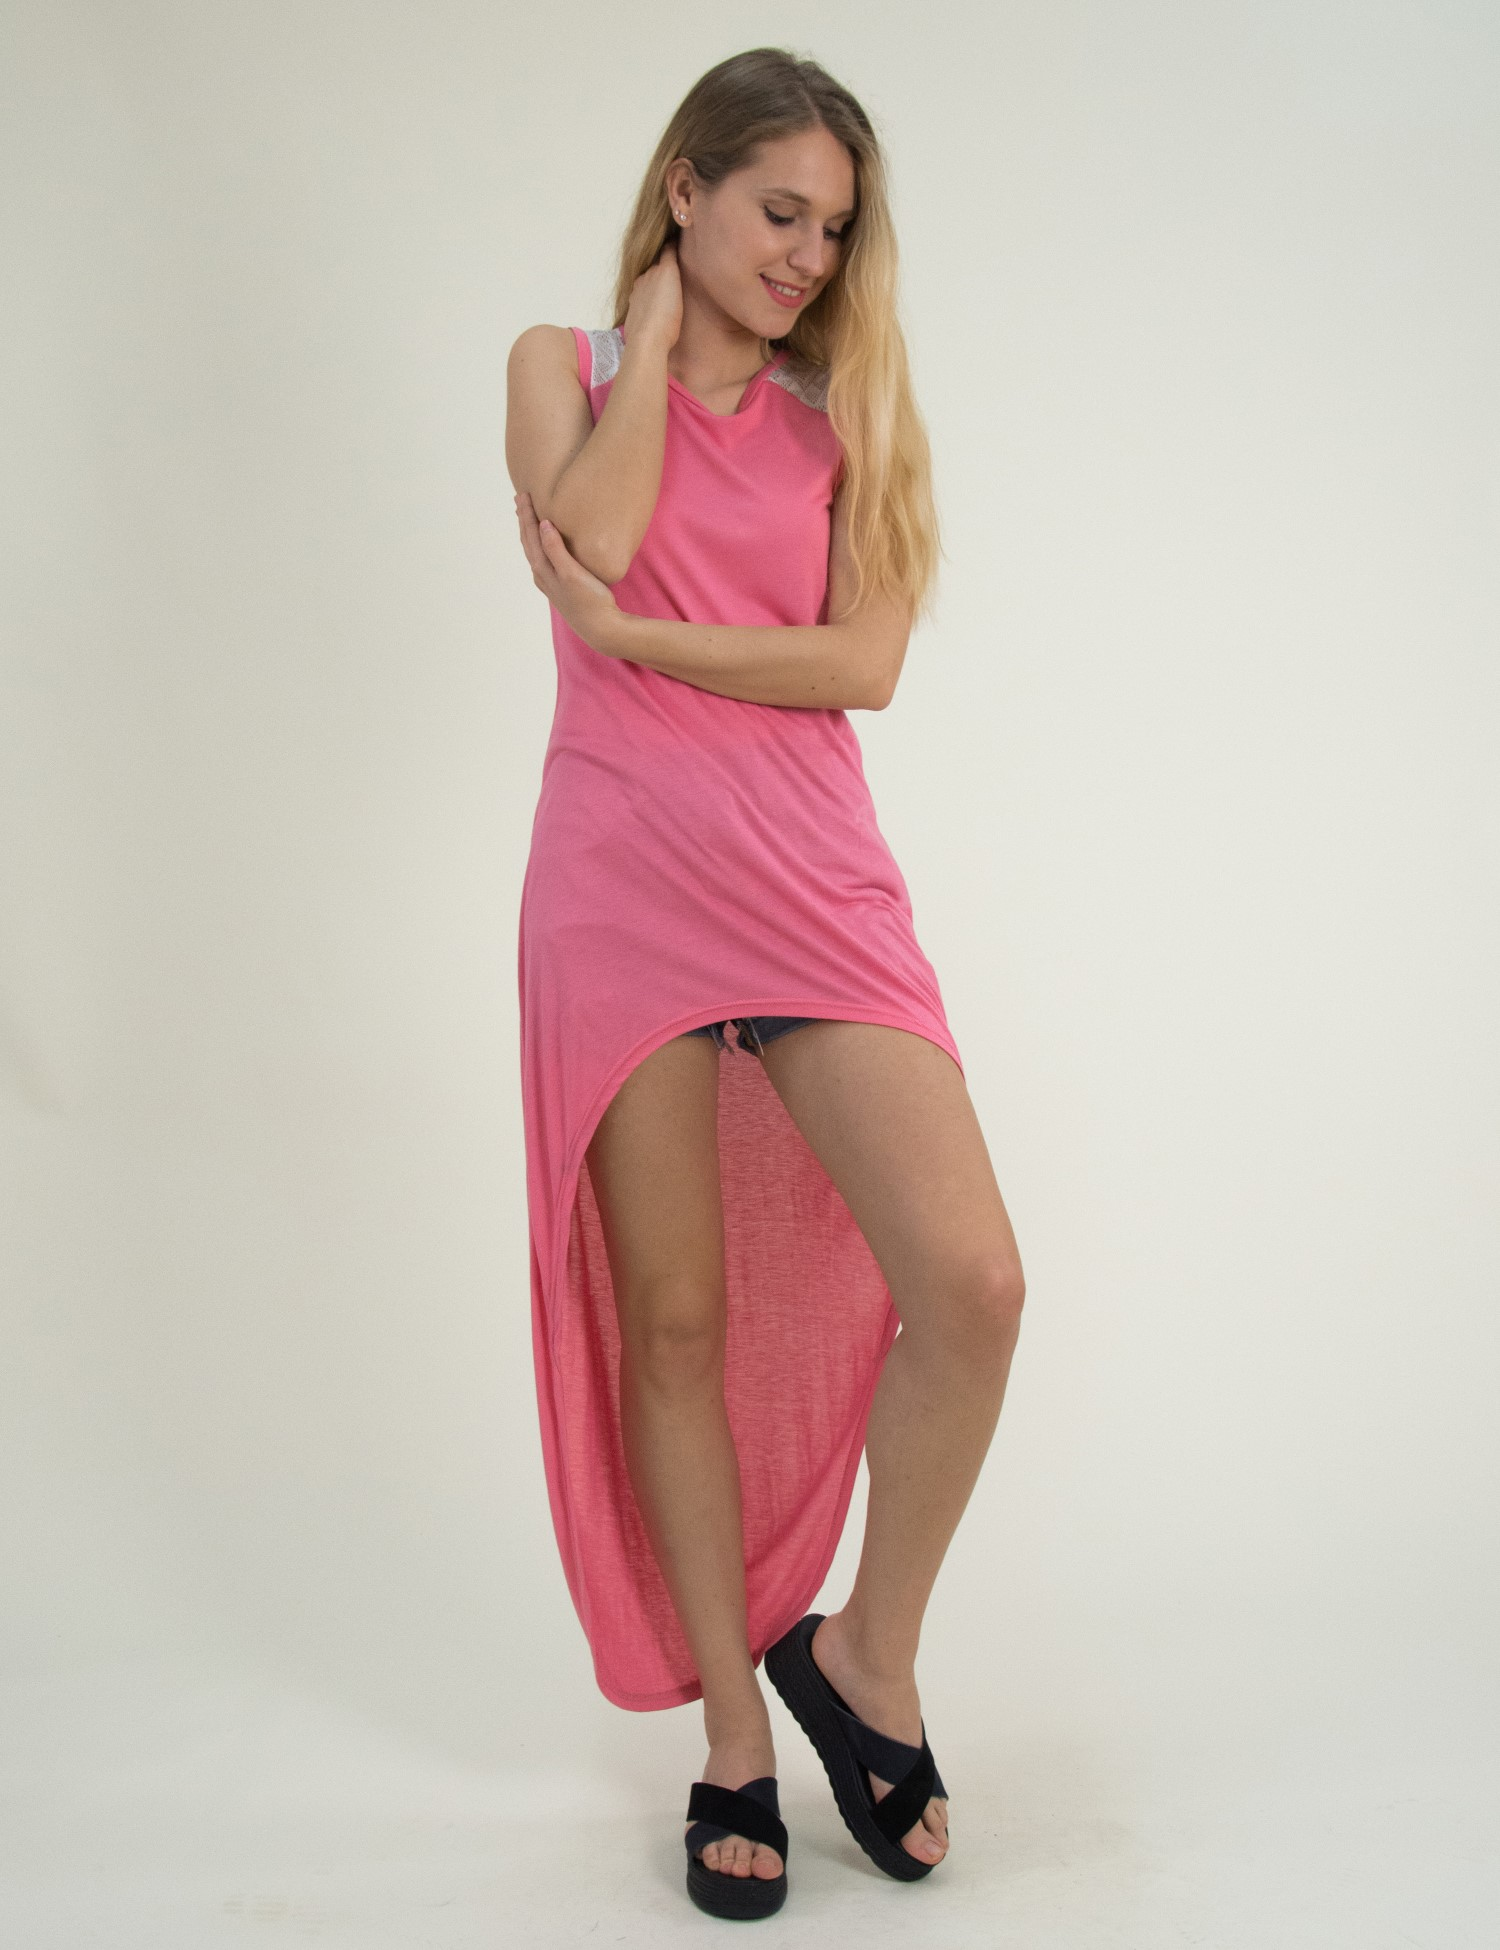 Γυναικεία ροζ ασύμμετρη μπλούζα So Sexy 165031949C 6269a10d33c